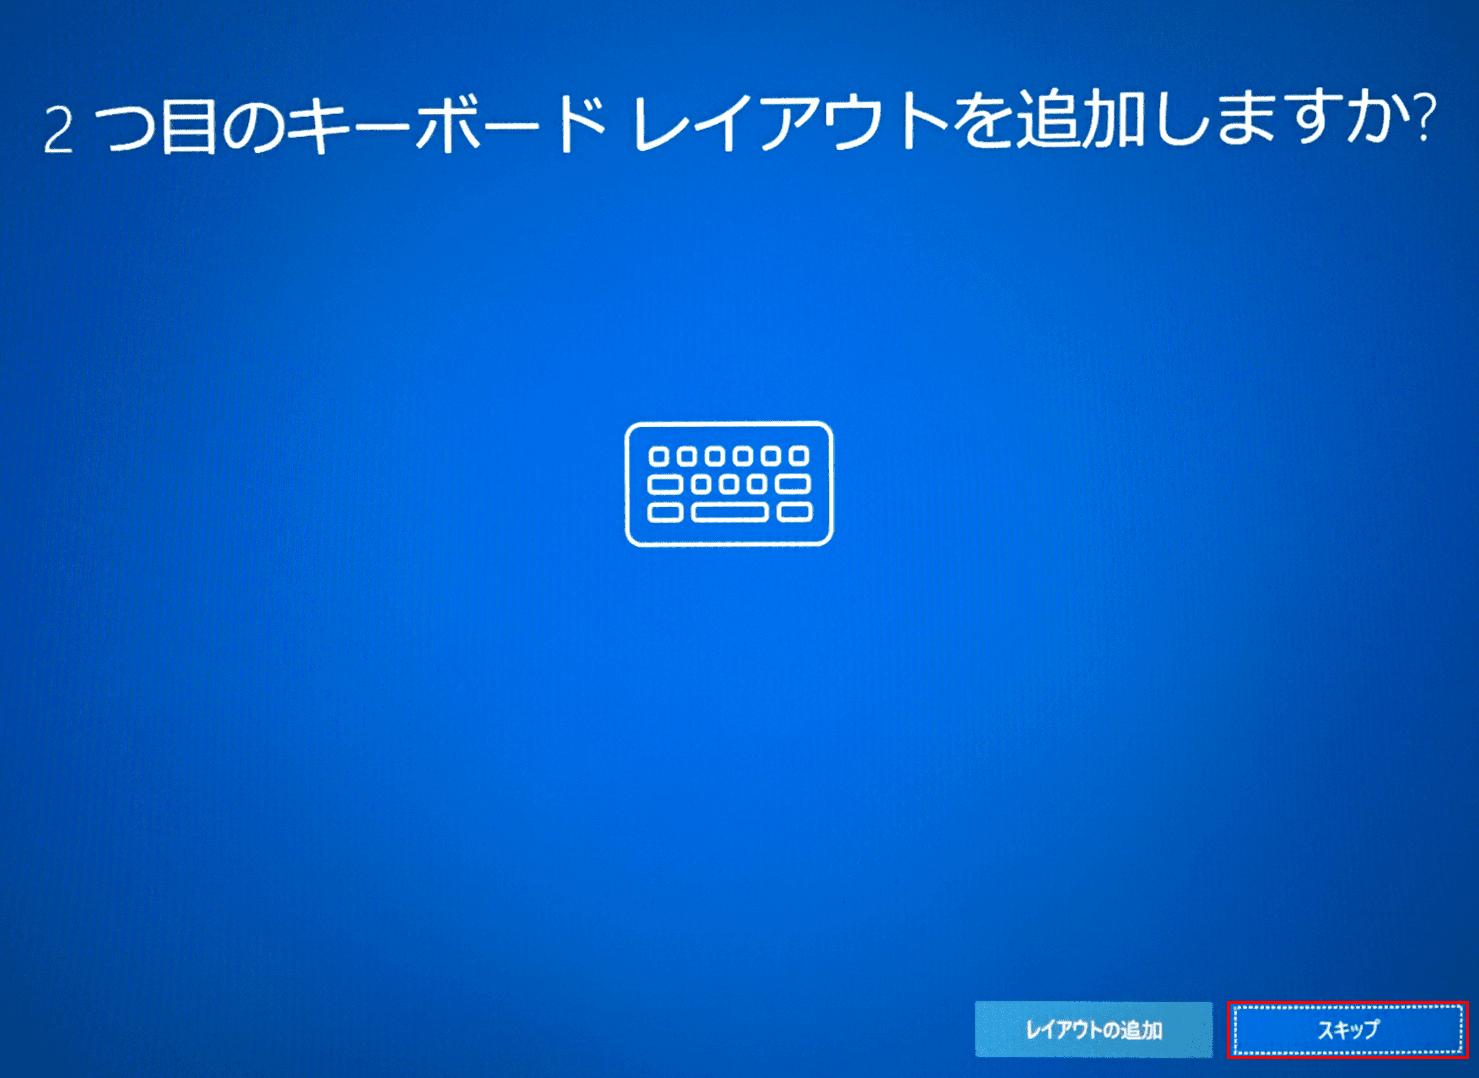 Windows10Microsoftアカウントでの初期設定、キーボードレイアウトの追加